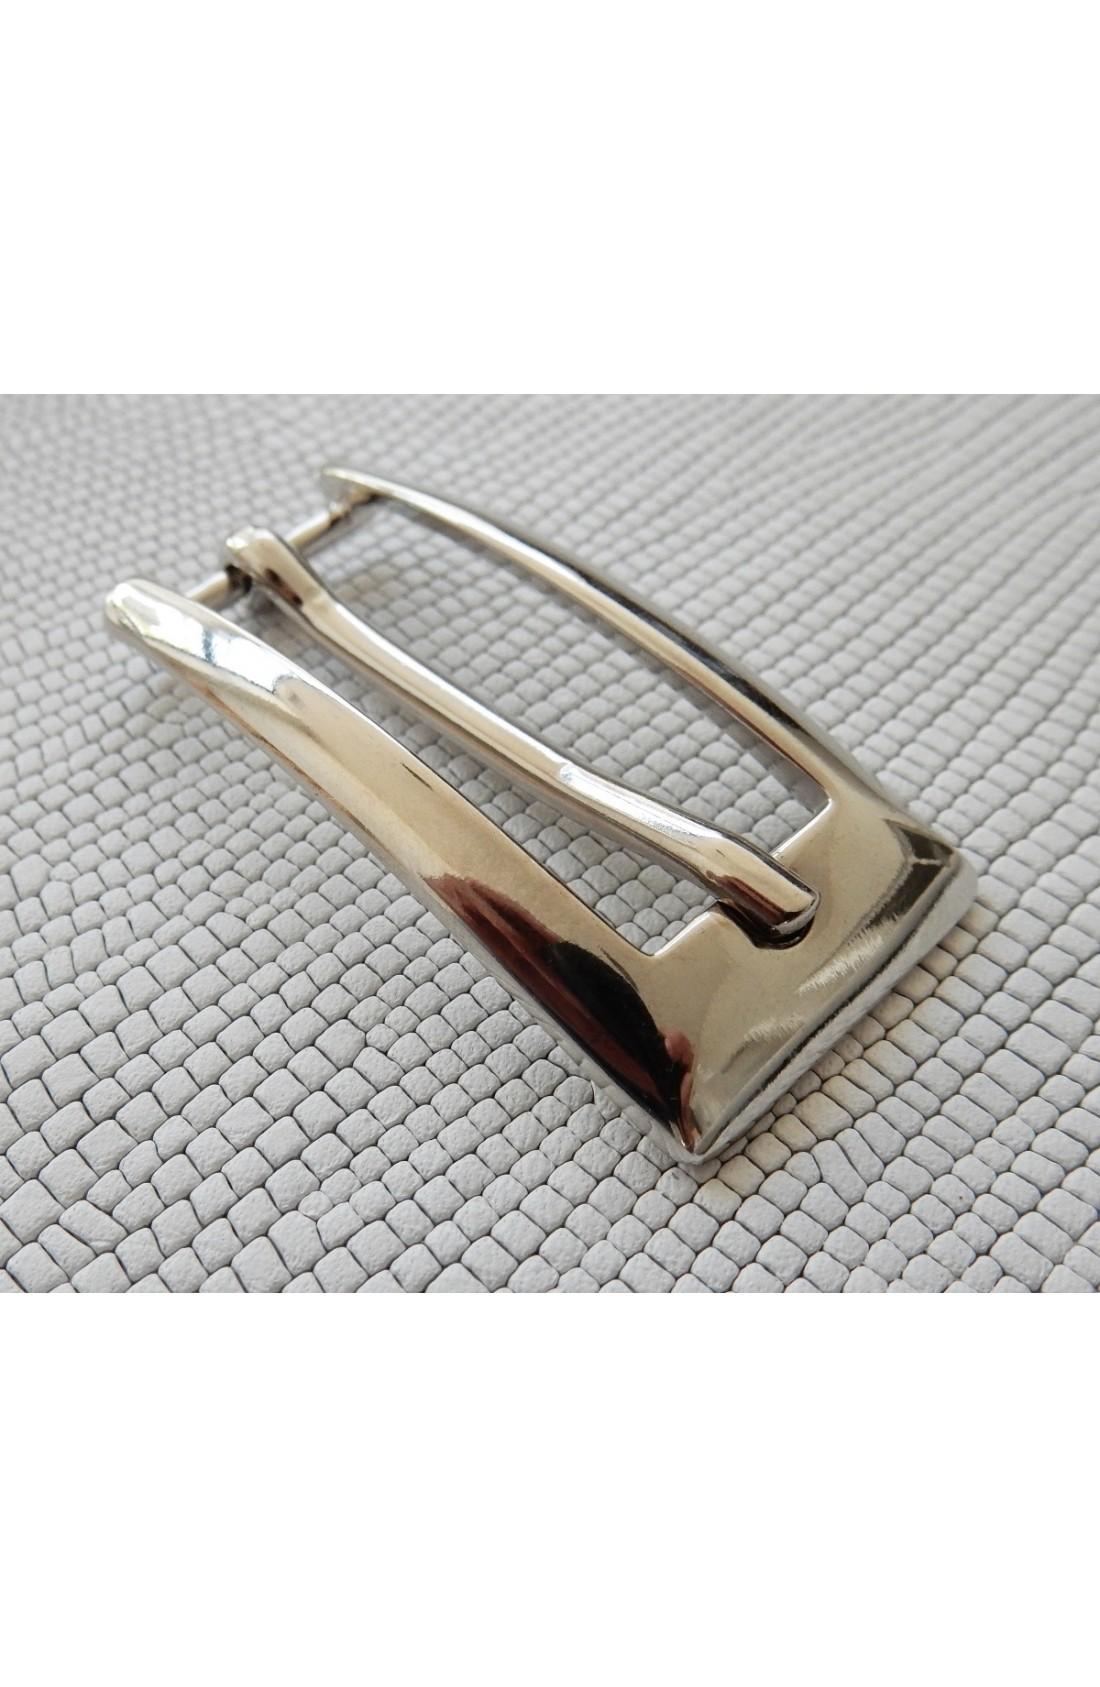 Fibbia Standard D 46 mm.15 nikel free (3)